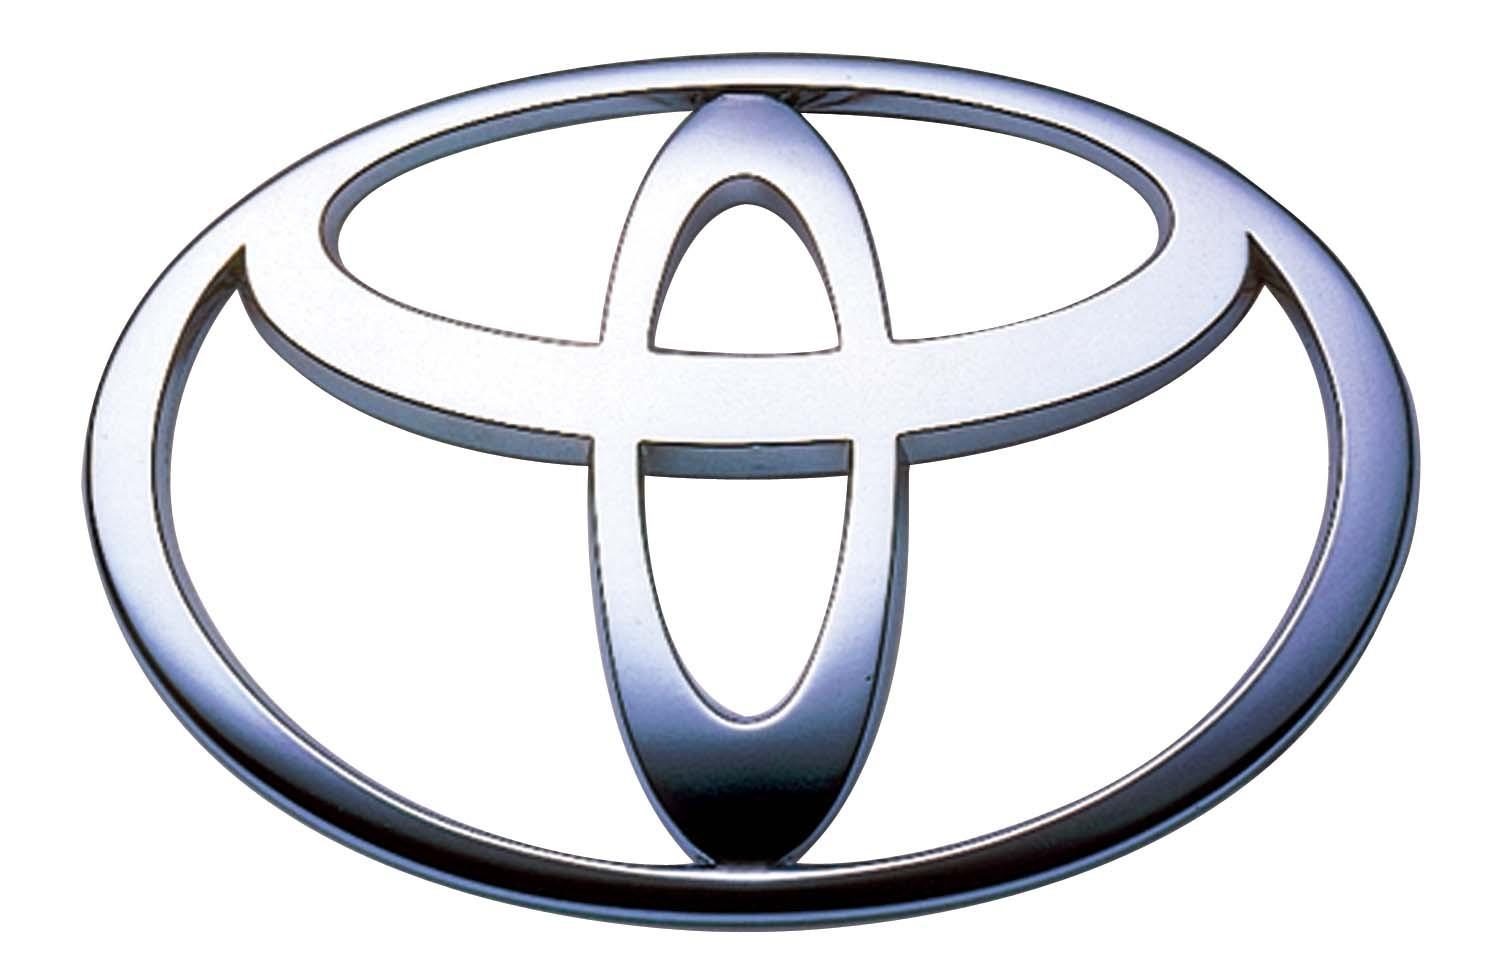 Daftar Harga Mobil Toyota Februari - Maret 2015